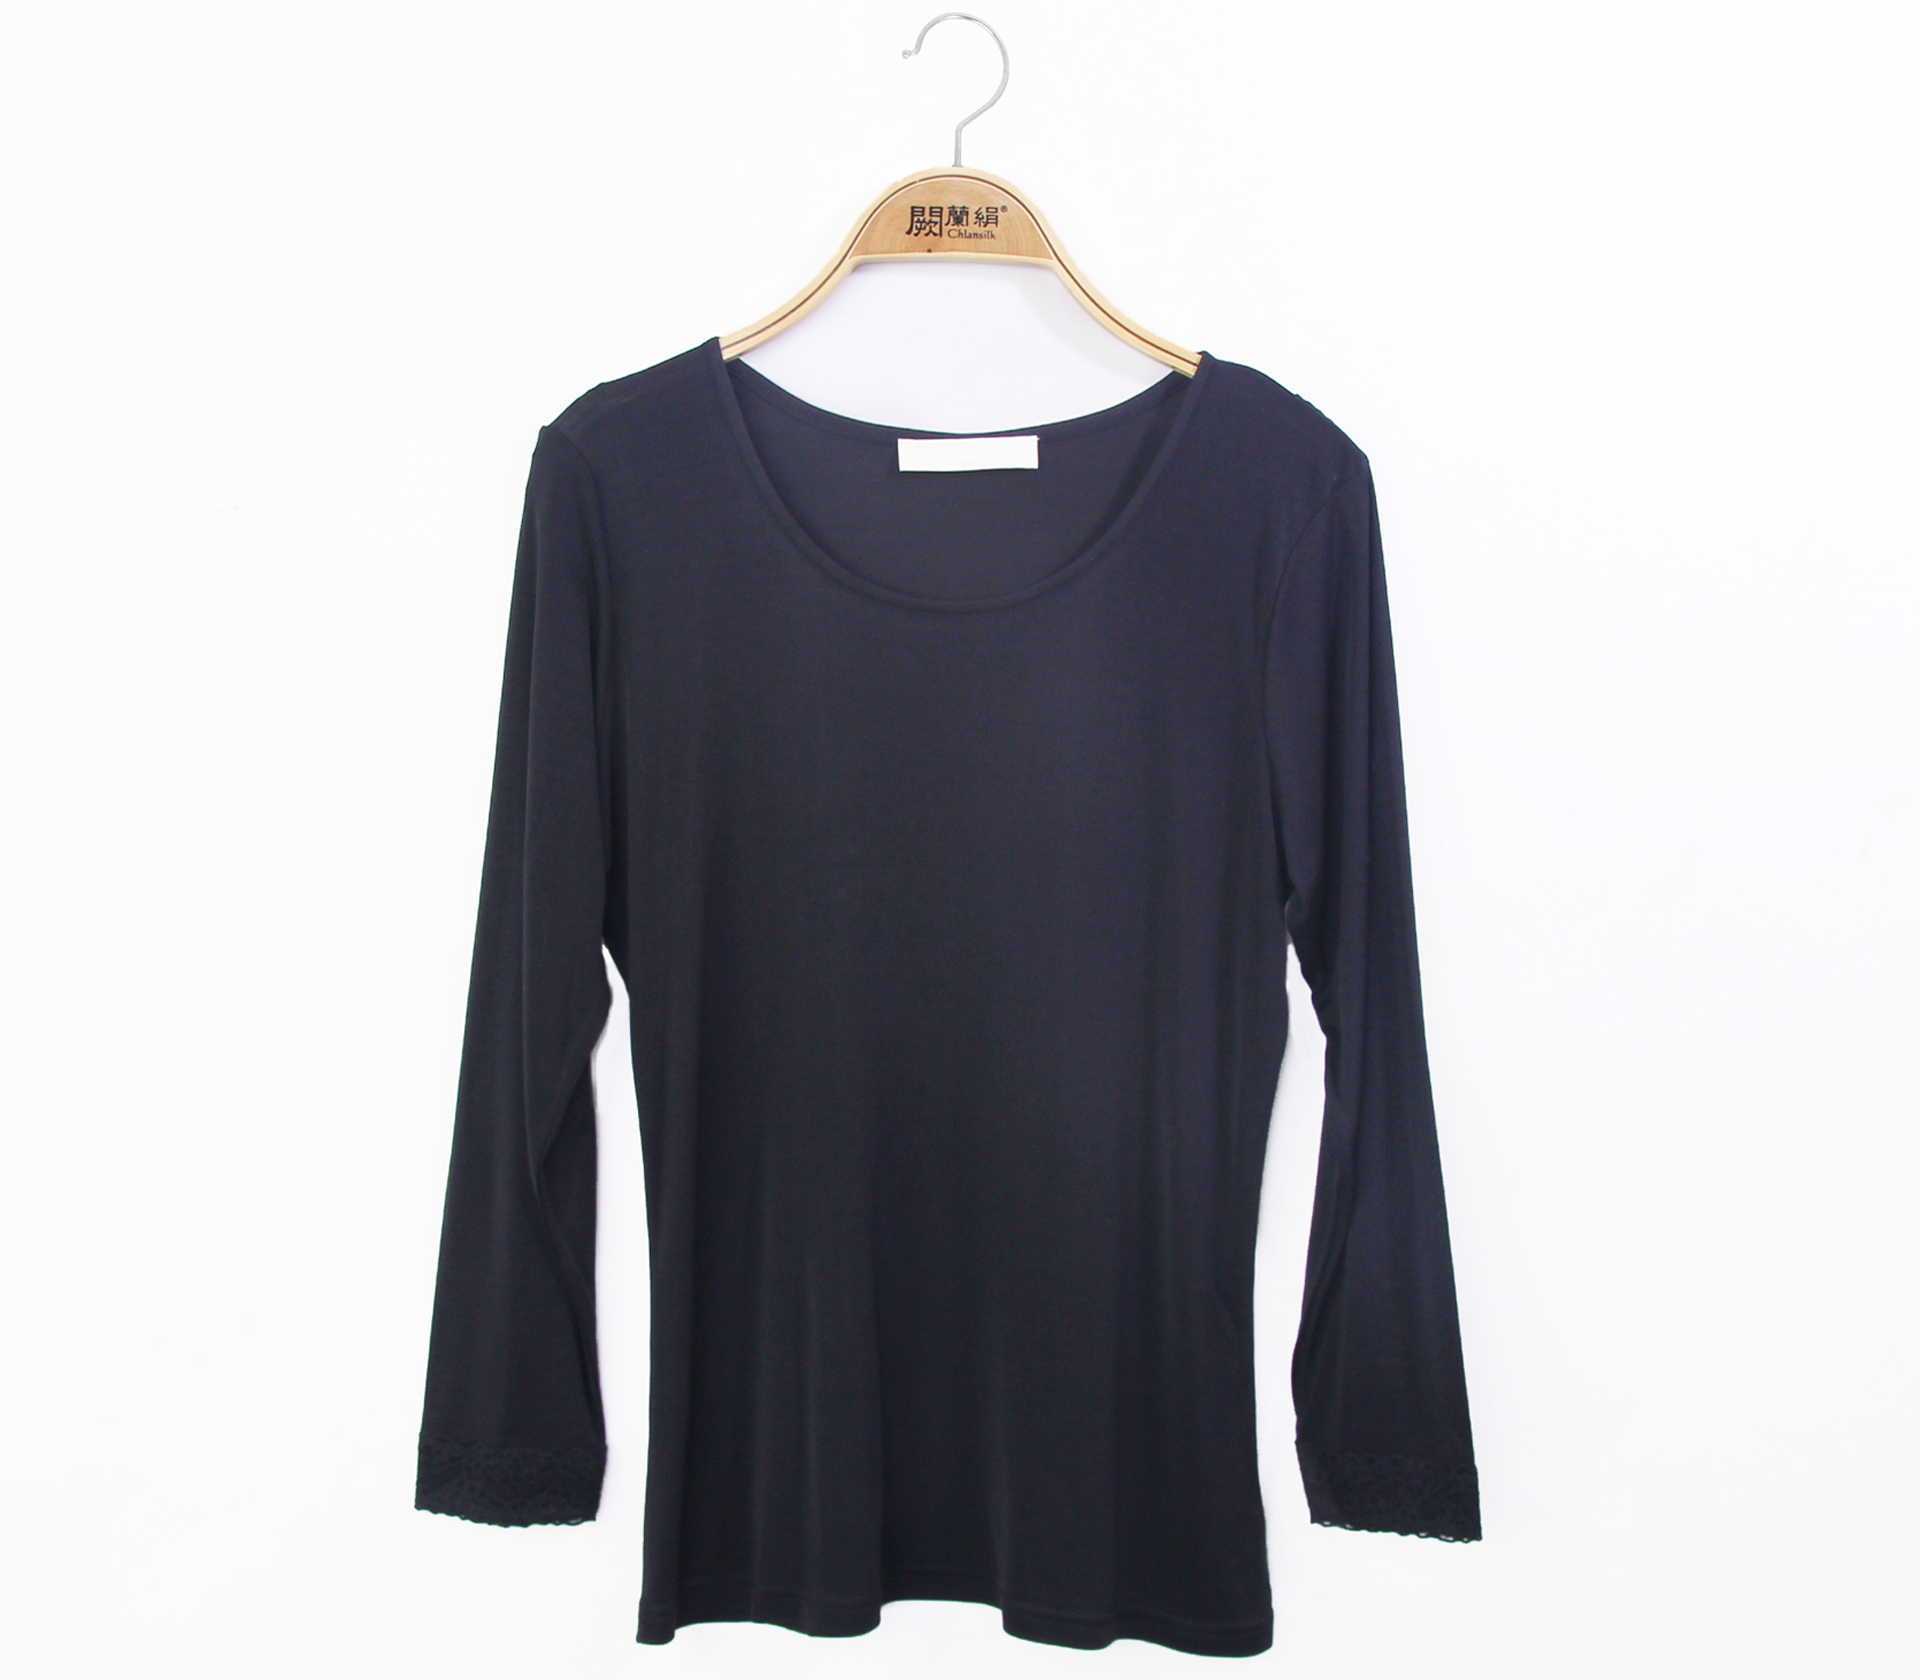 闕蘭絹親膚細緻頂級42針100%蠶絲保暖衣-9911(黑)